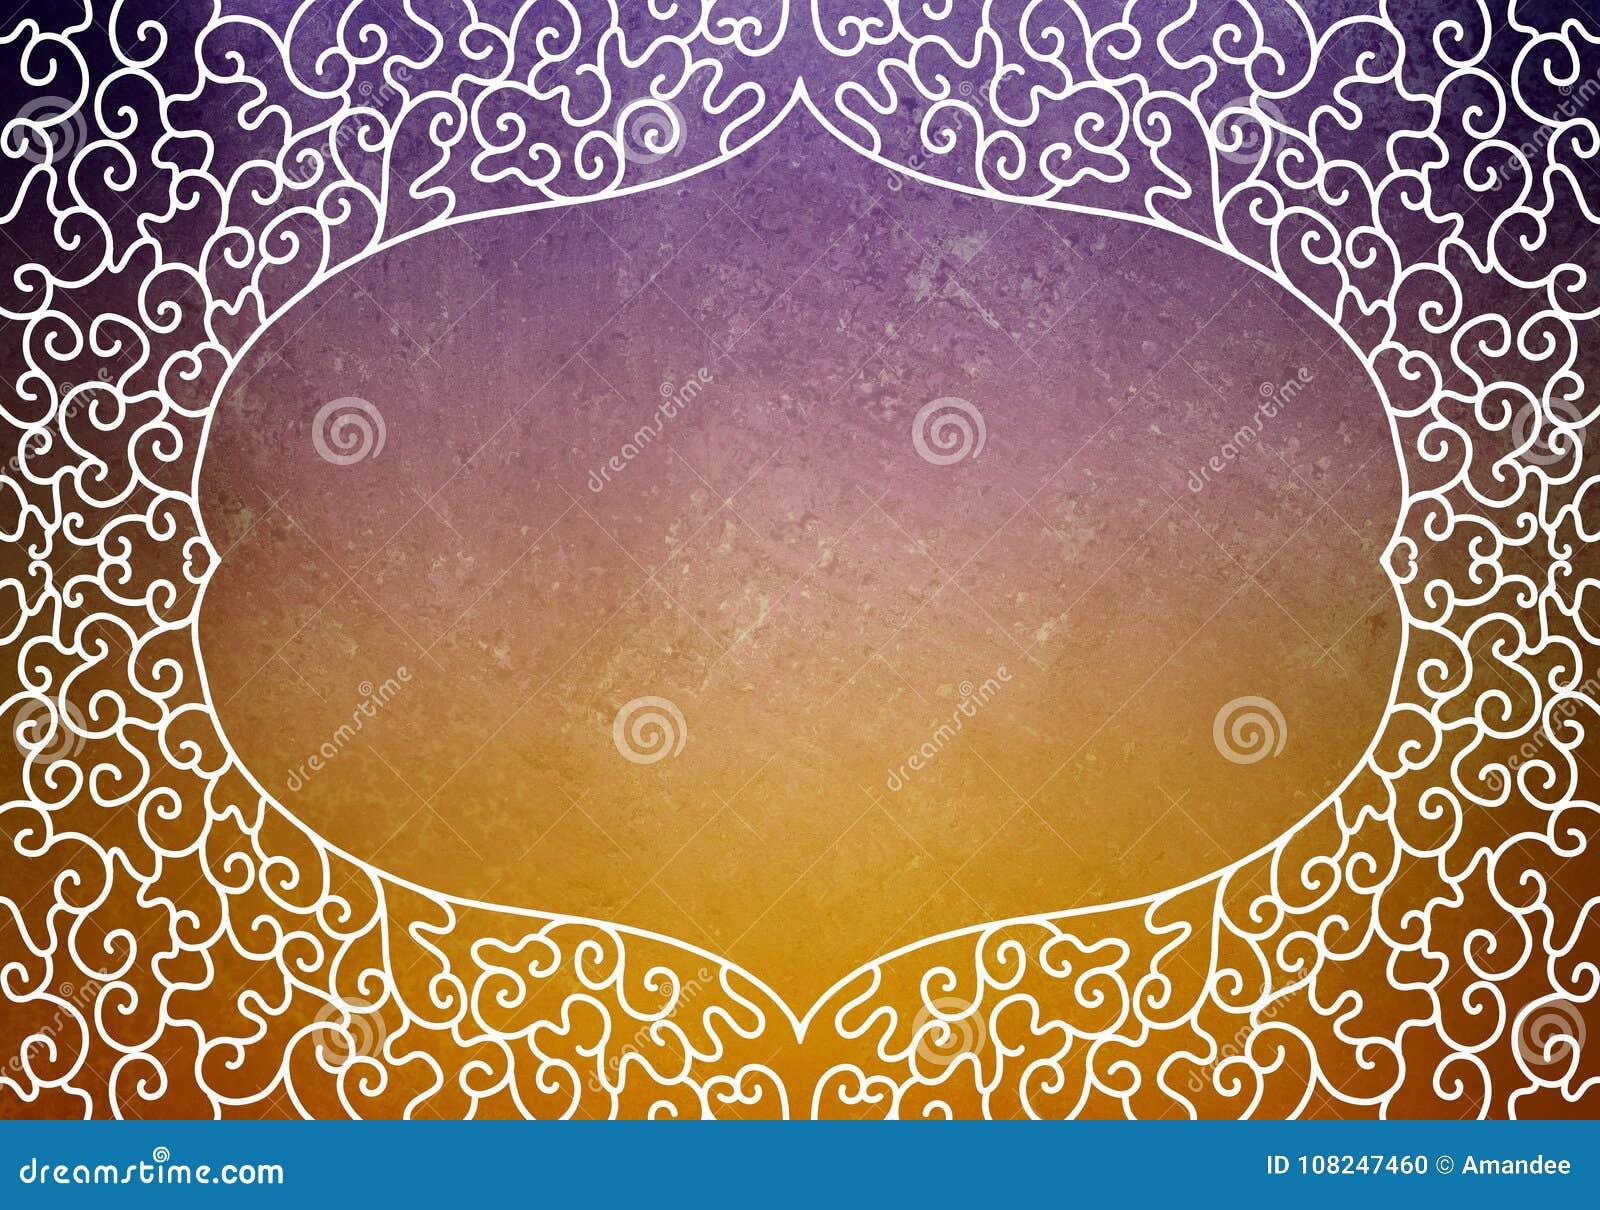 Die gezeichnete Hand verzierte Spitzelockenrahmen-Designgrenze auf purpurrotem und orange Hintergrund, leerem Zertifikatdokumente